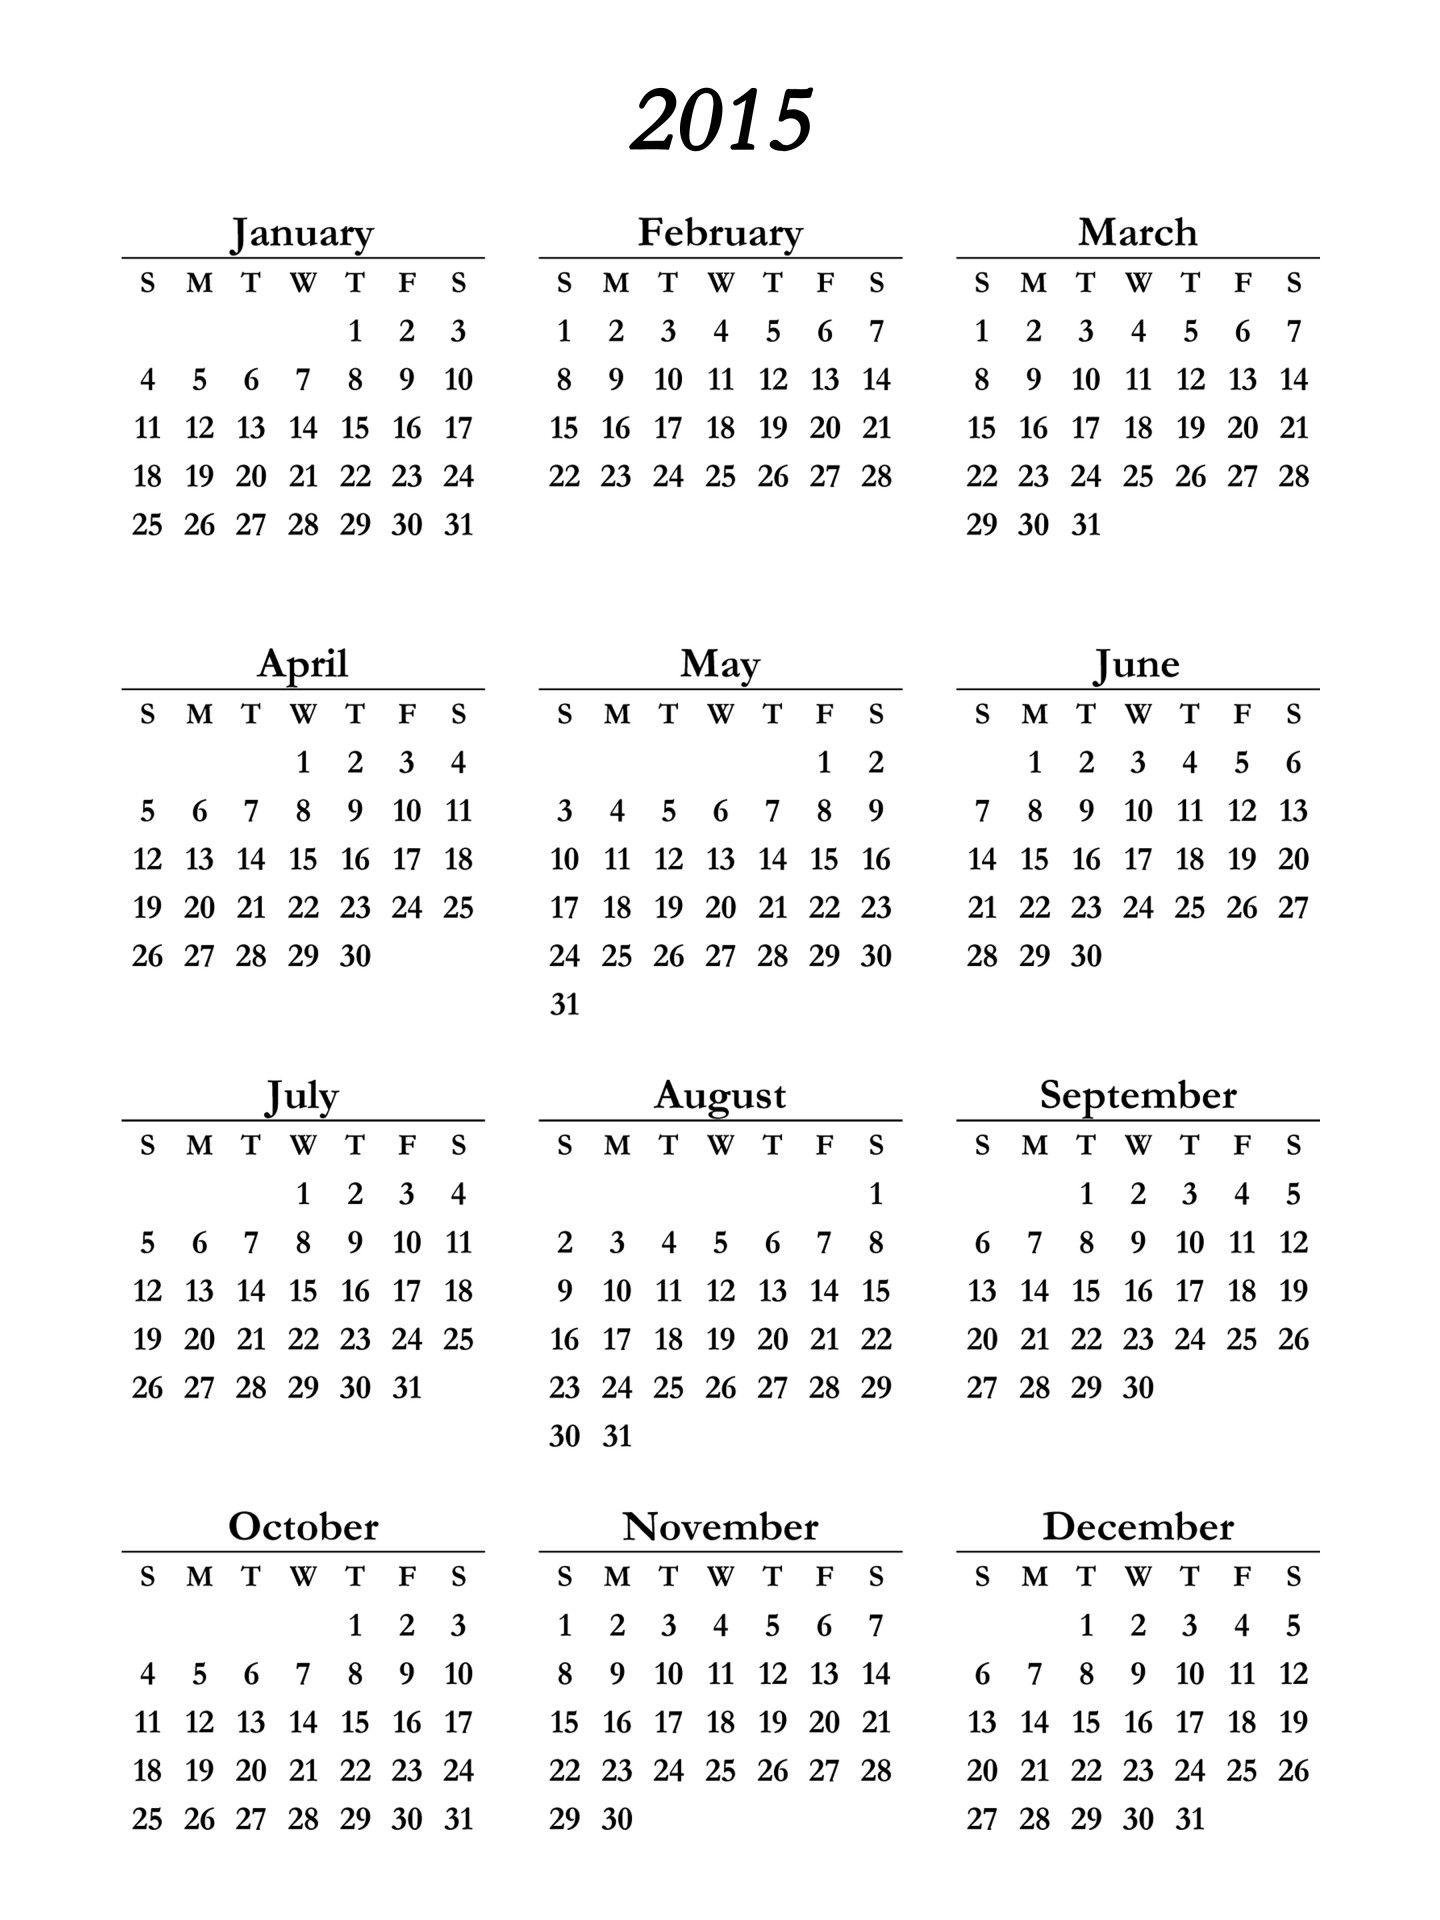 2015 Calendar Calendar 2015 Image Calendar Printables 12 Month Calendar Printable Free Printable Calendar